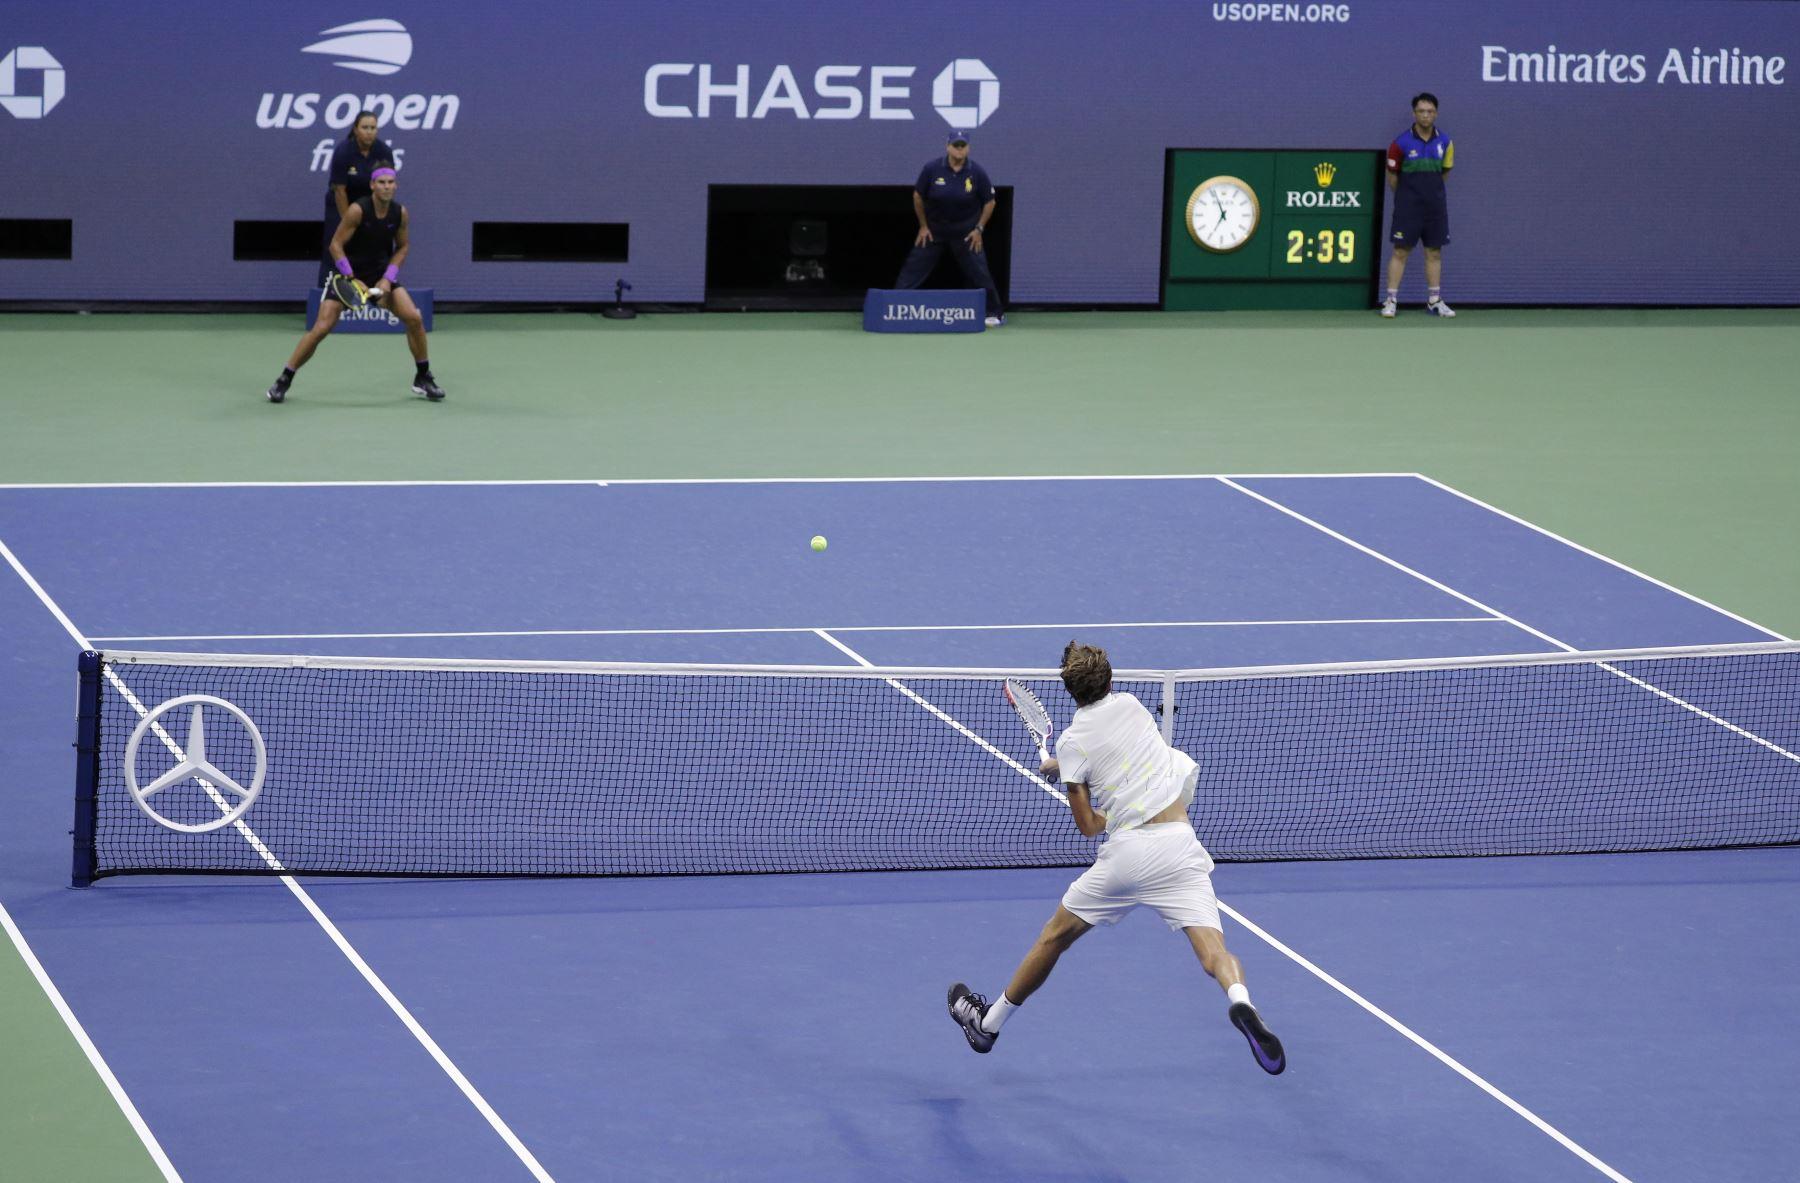 Daniil Medvedev de Rusia (R) regresa a Rafael Nadal de España durante el partido final masculino en el decimocuarto día del Campeonato Abierto de Tenis de EE. UU.  Foto: EFE